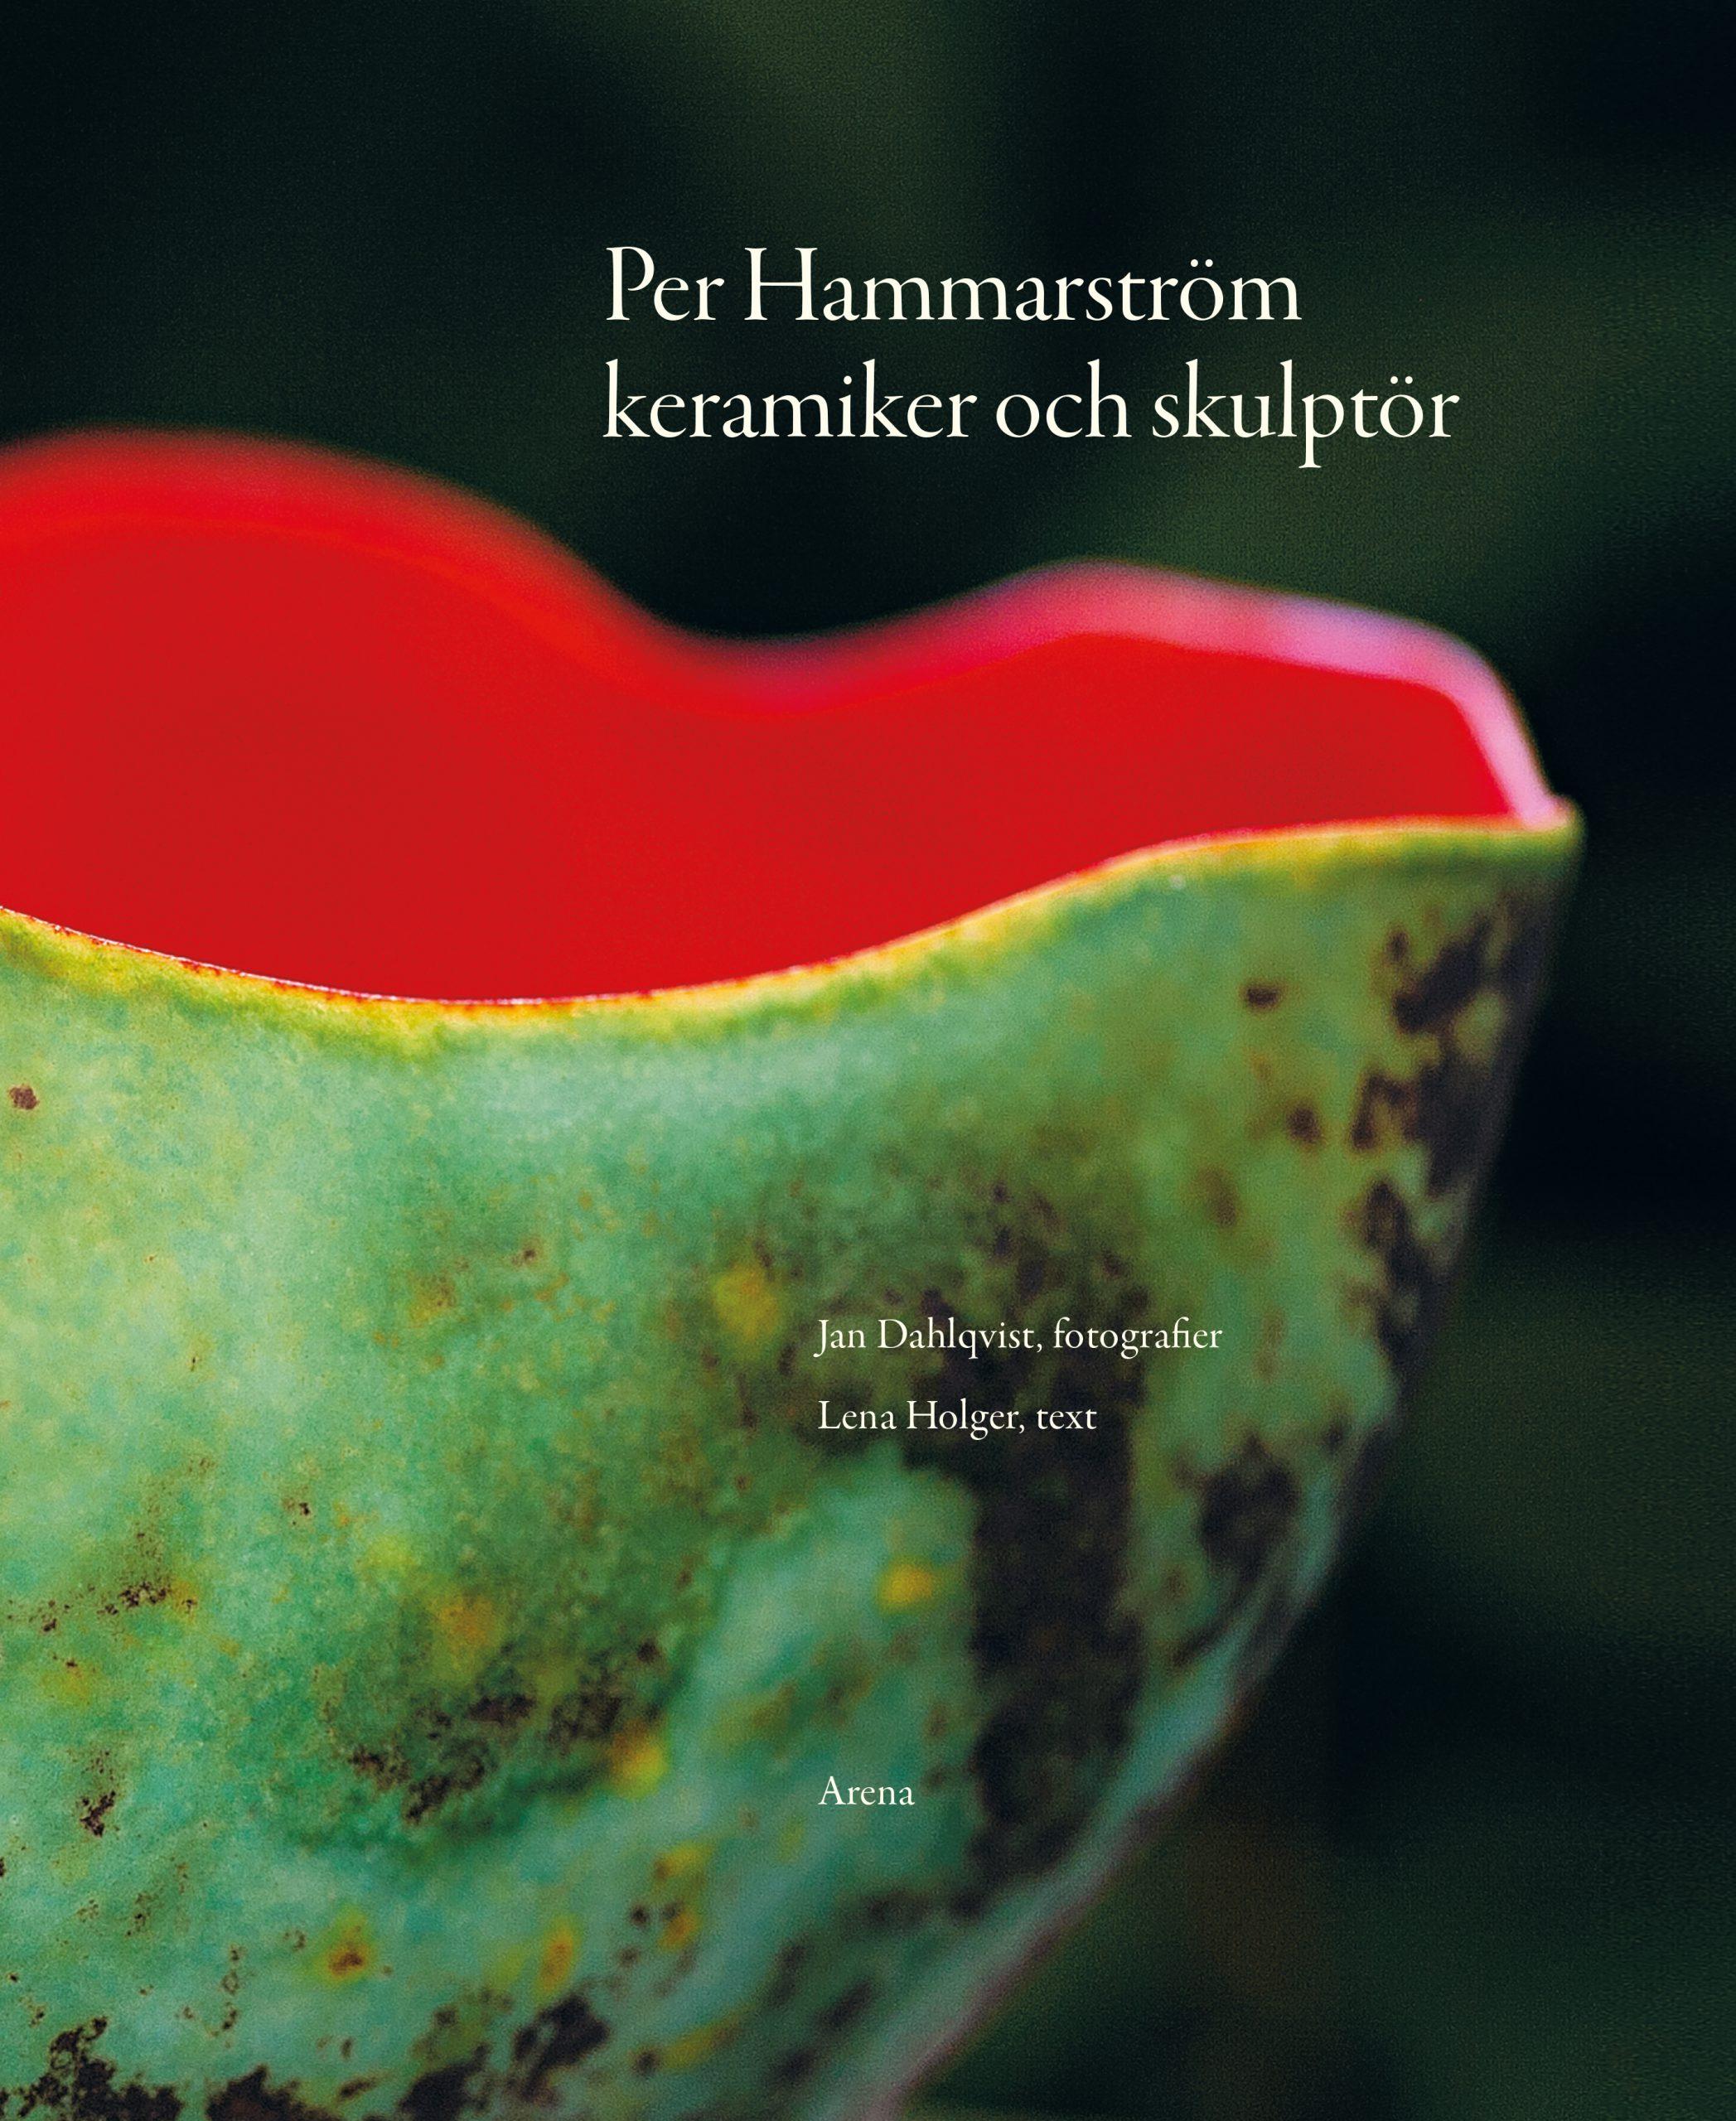 Per Hammarström - Bok, Per hammarström, keramiker och skulptör